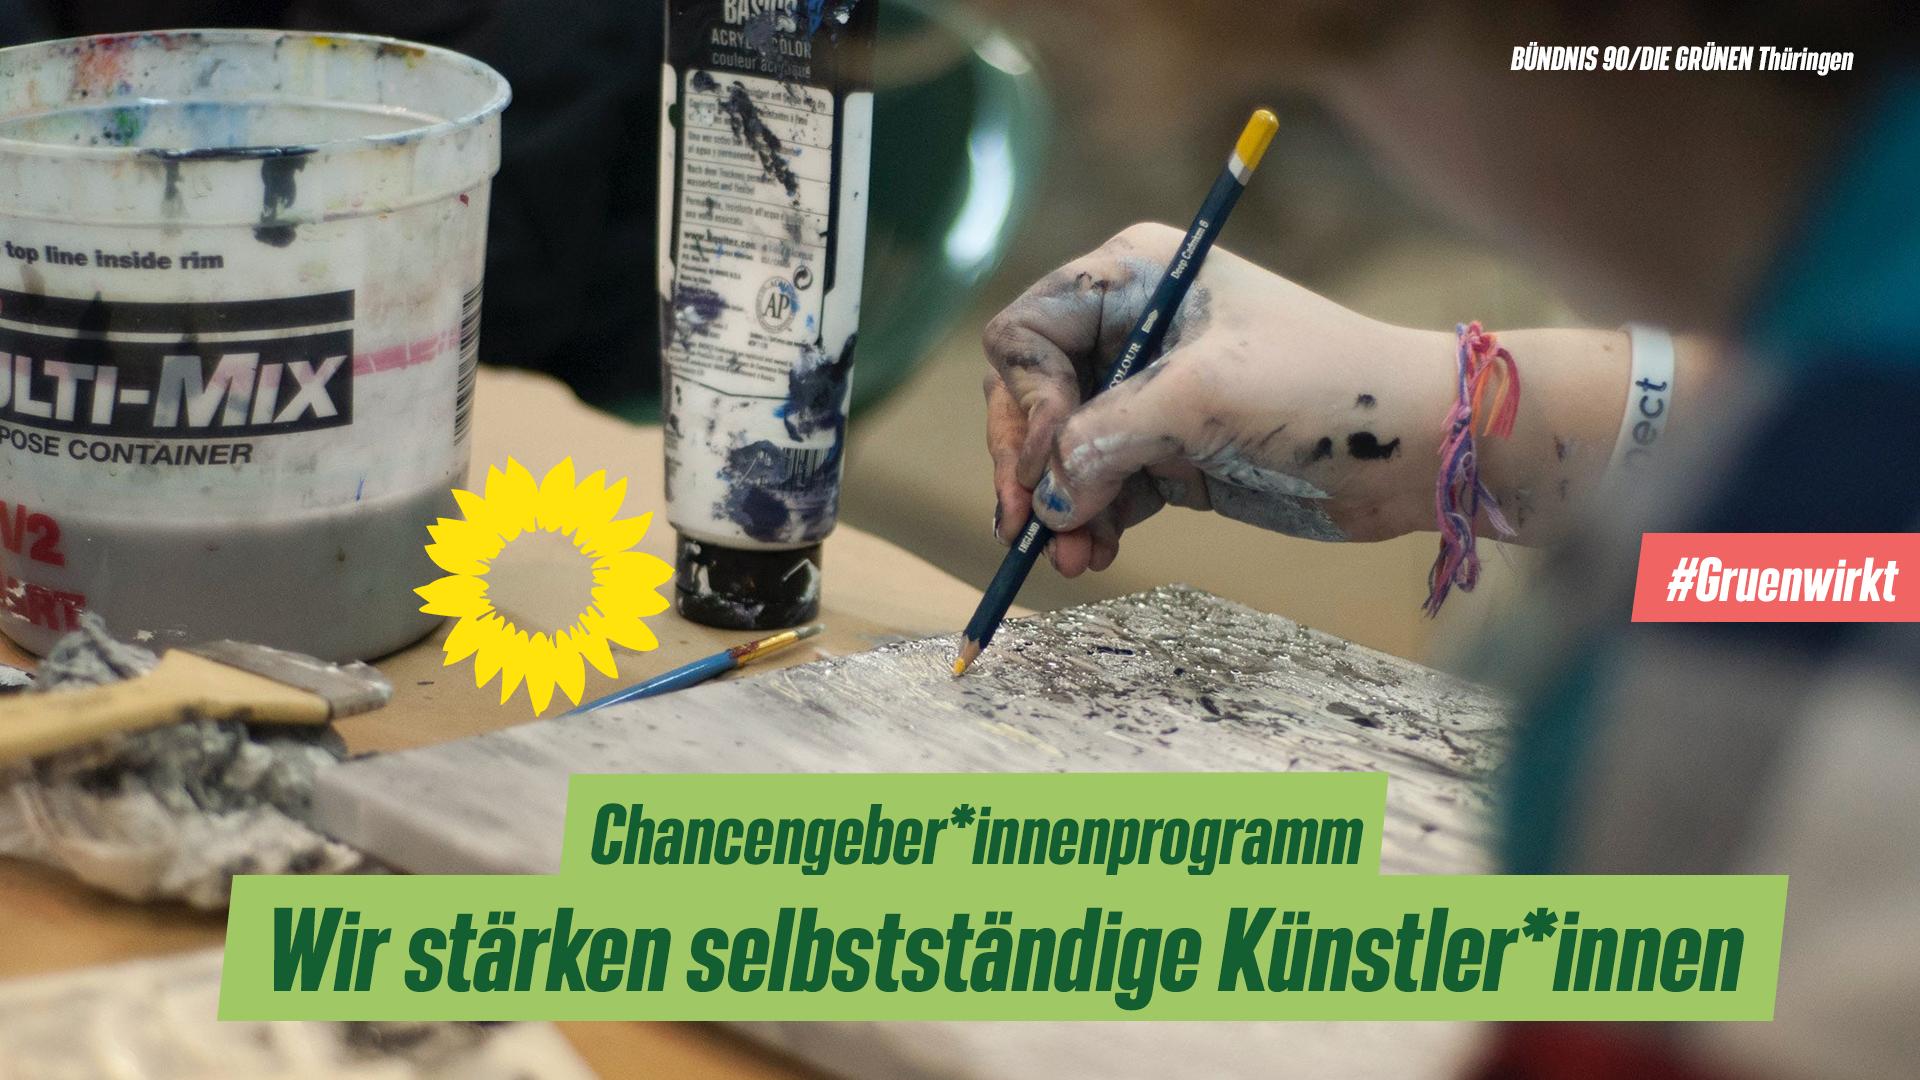 Grün wirkt! Das Thüringer Sonderprogramm Chancengeber*innen für selbstständige Künstler*innen